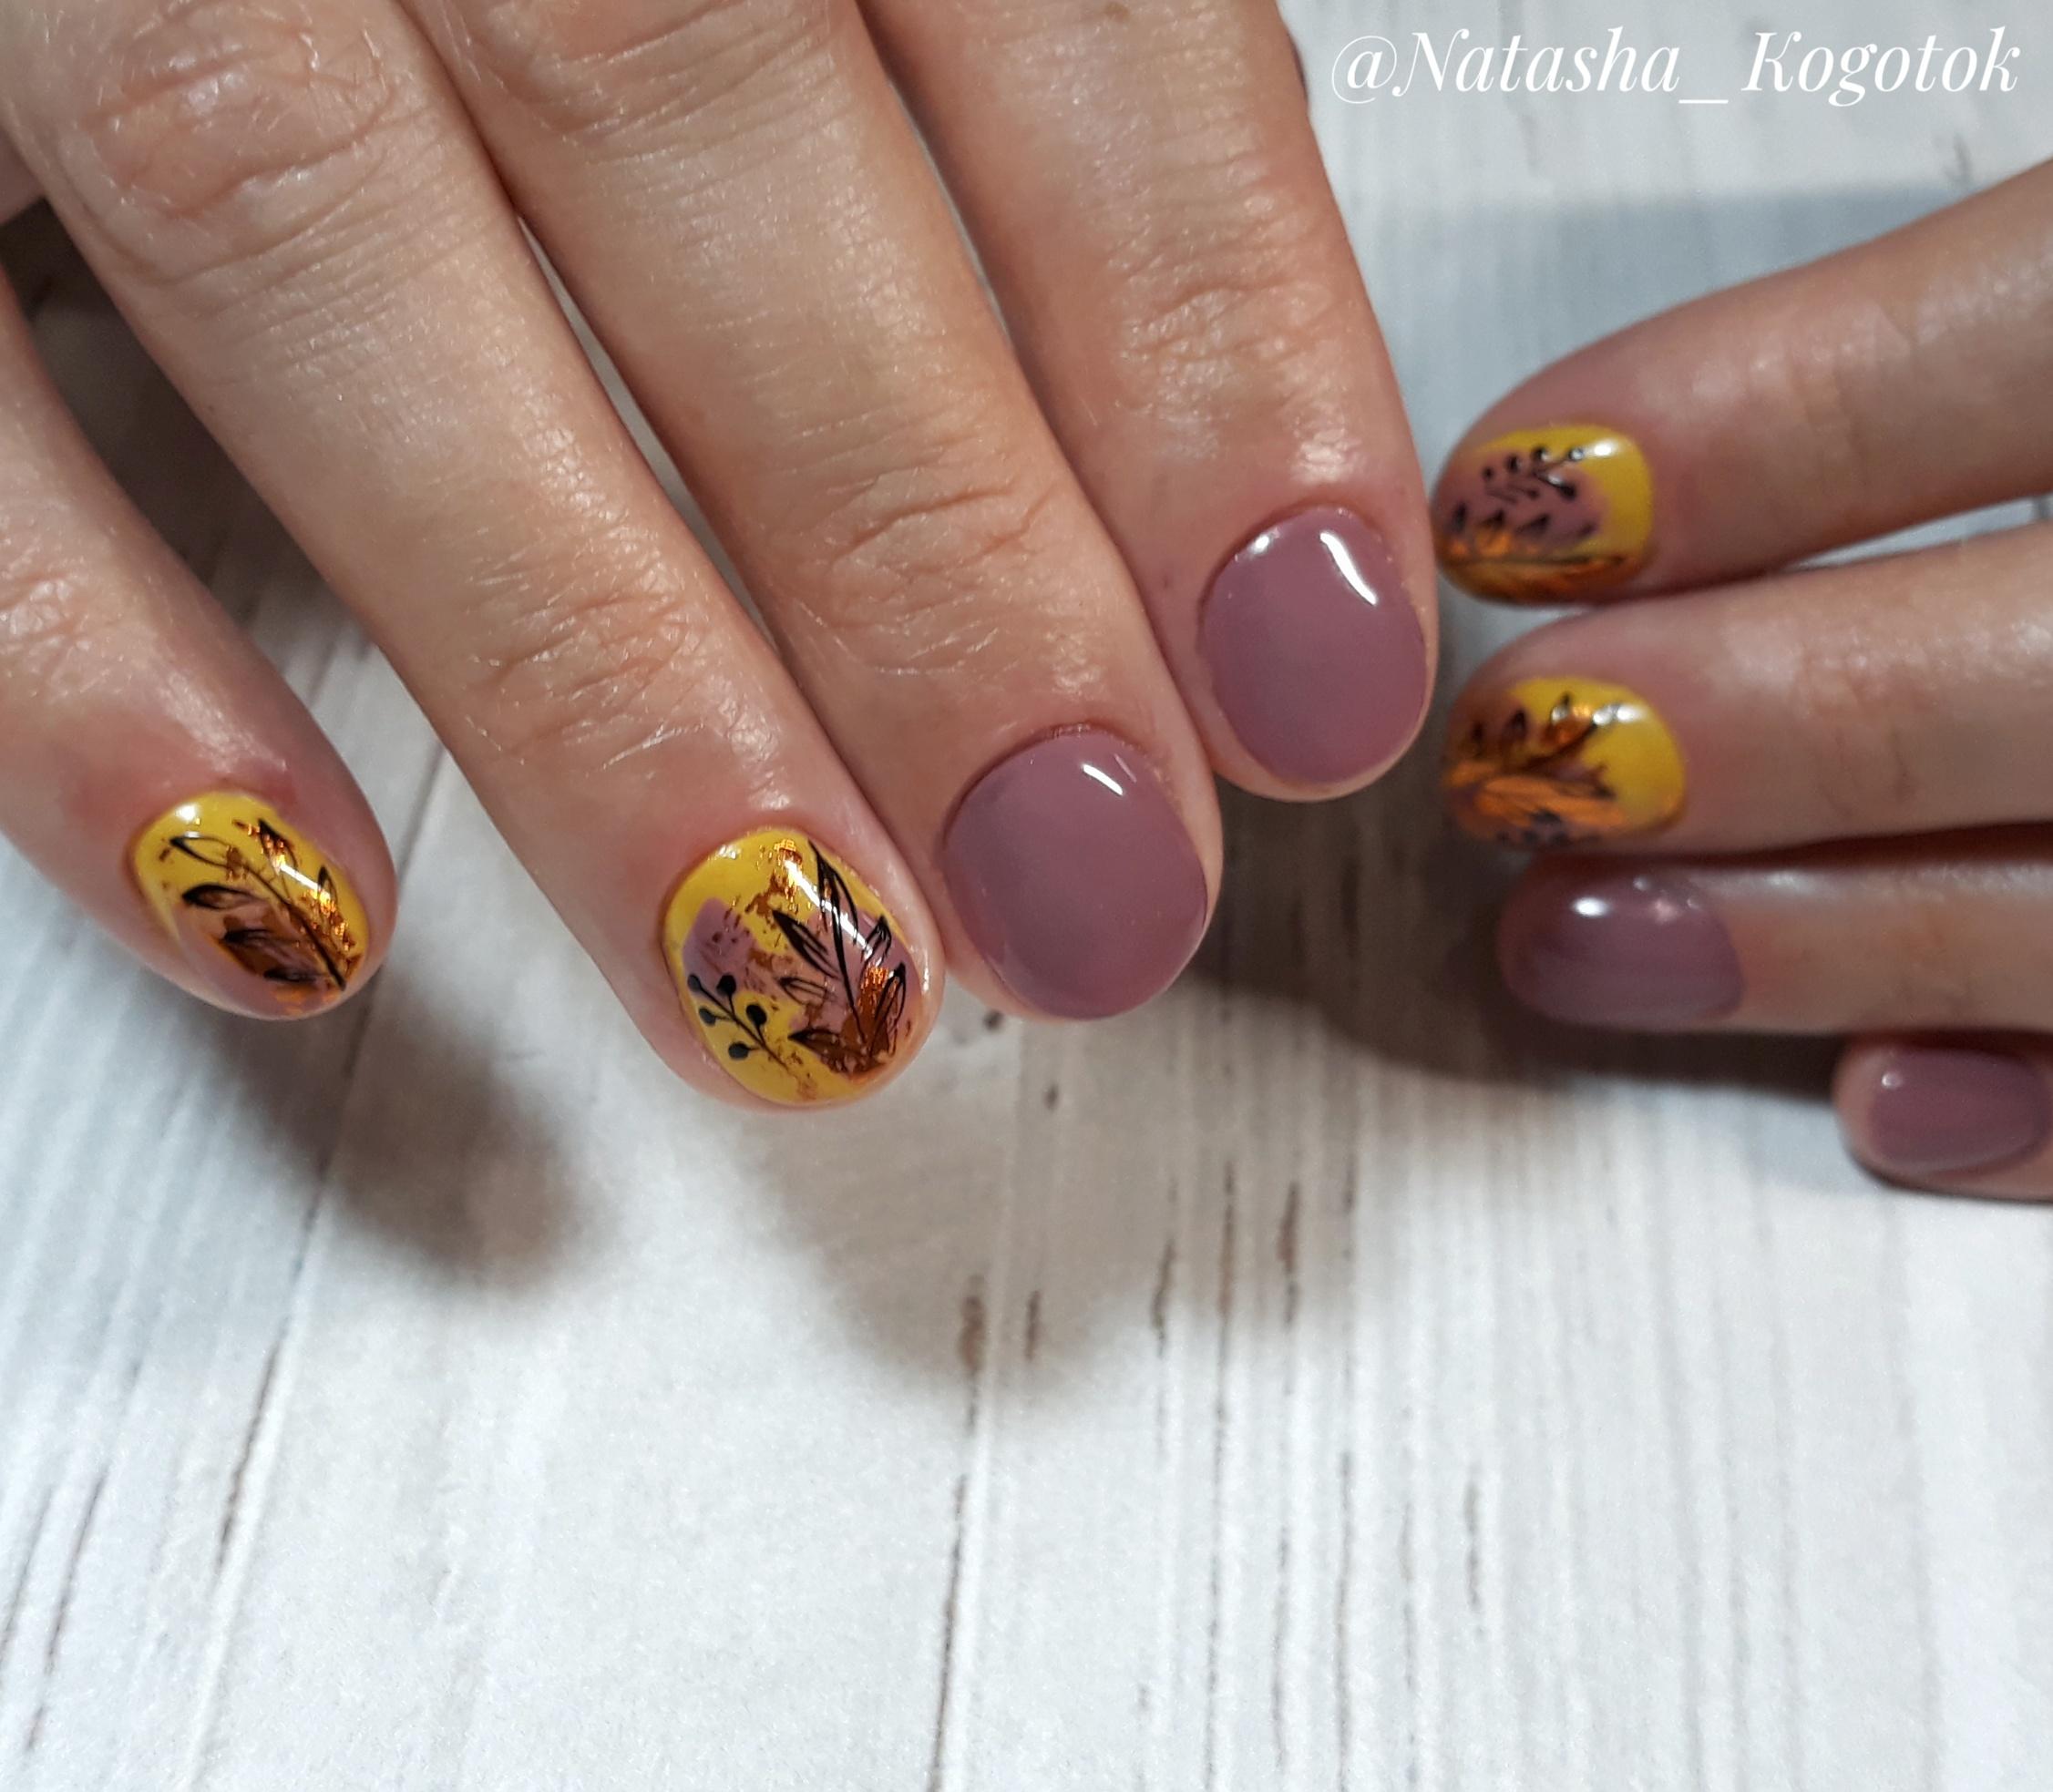 Осенний маникюр с растительным рисунком в пастельных тонах на короткие ногти.